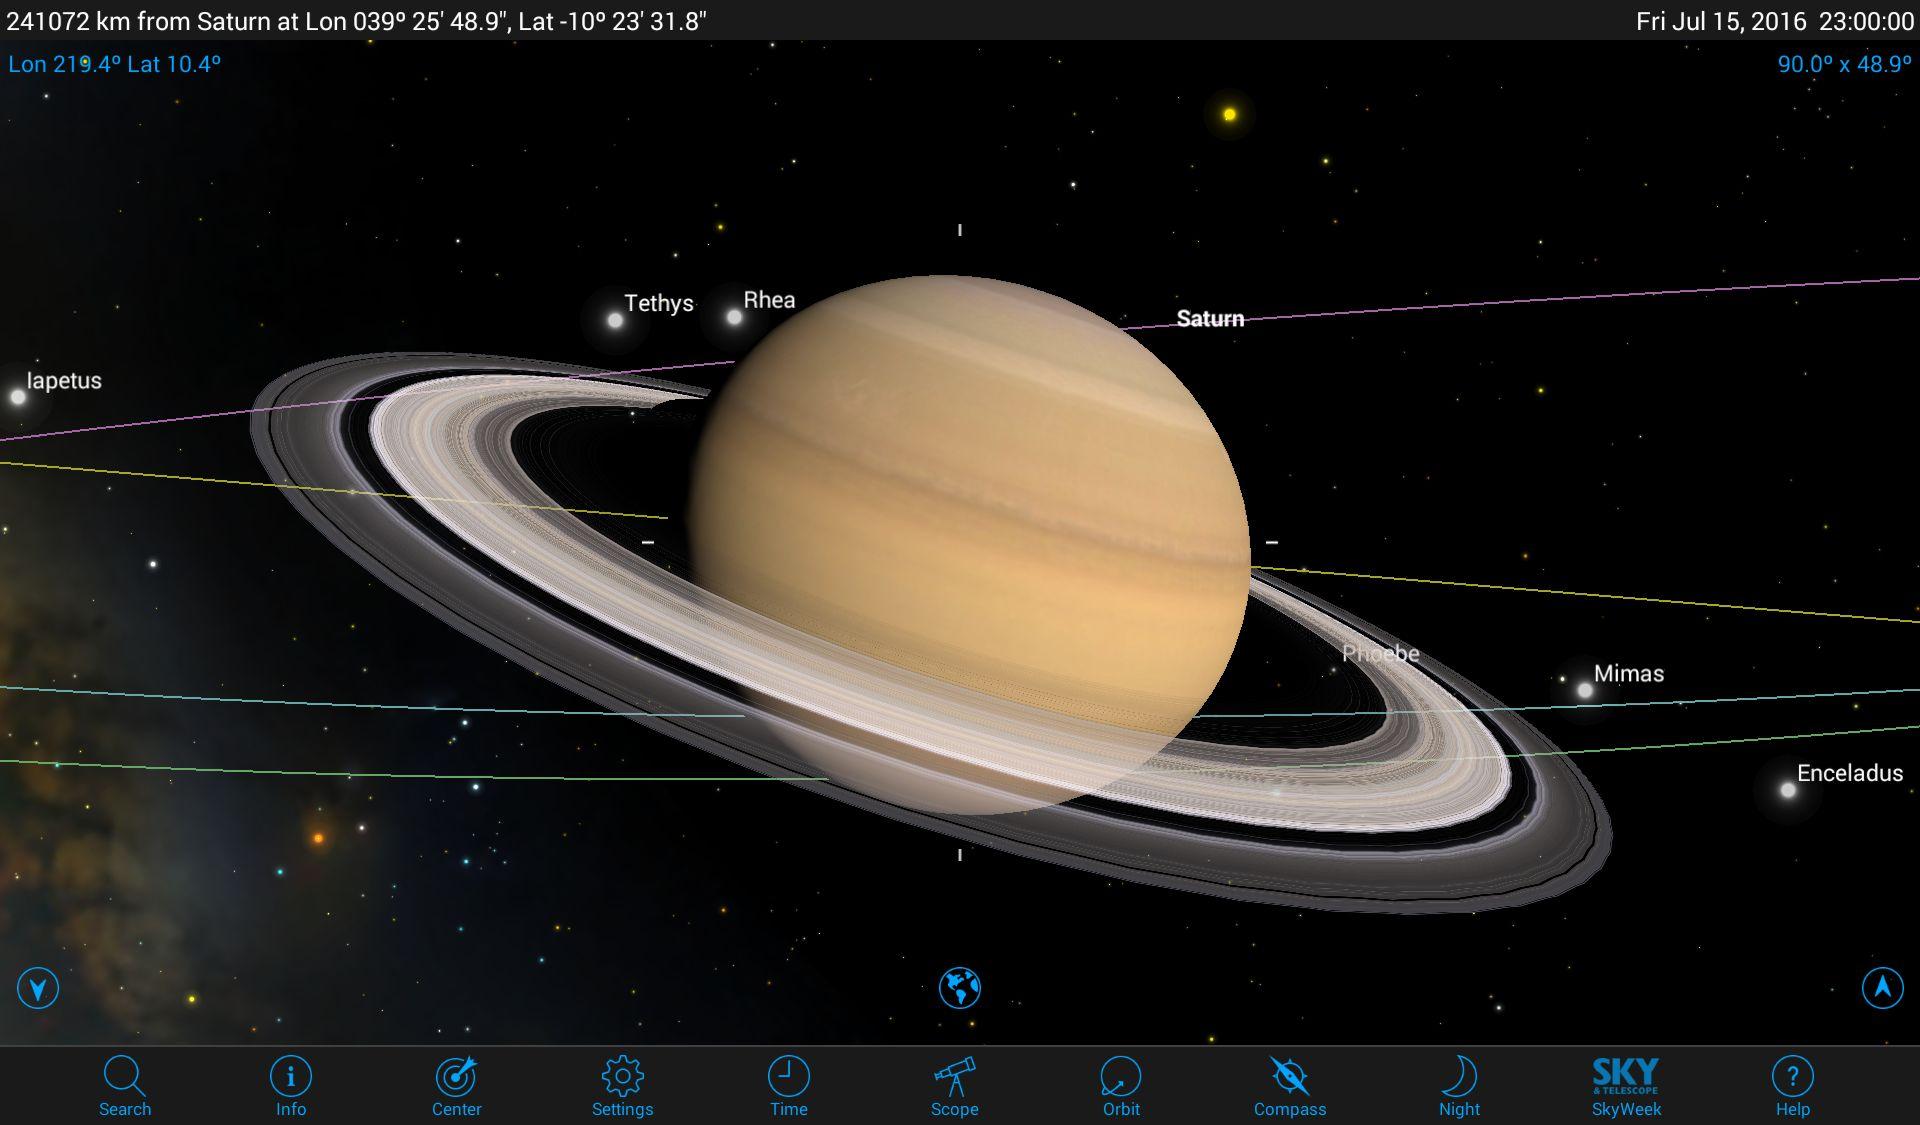 SkySafari 5 app